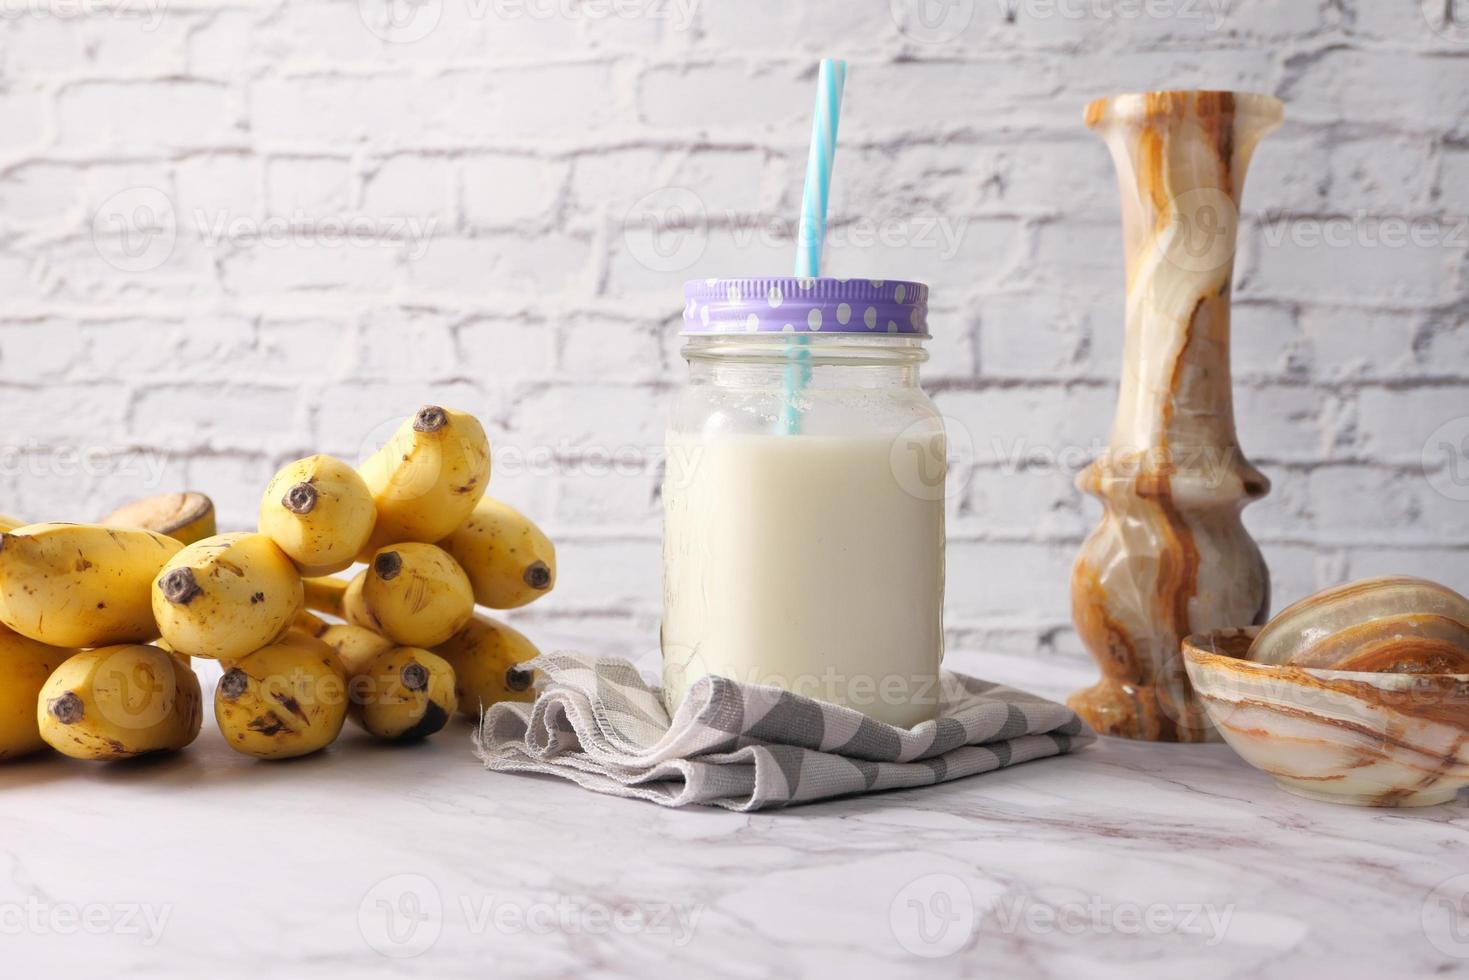 glas mjölk och bananer på bordet foto